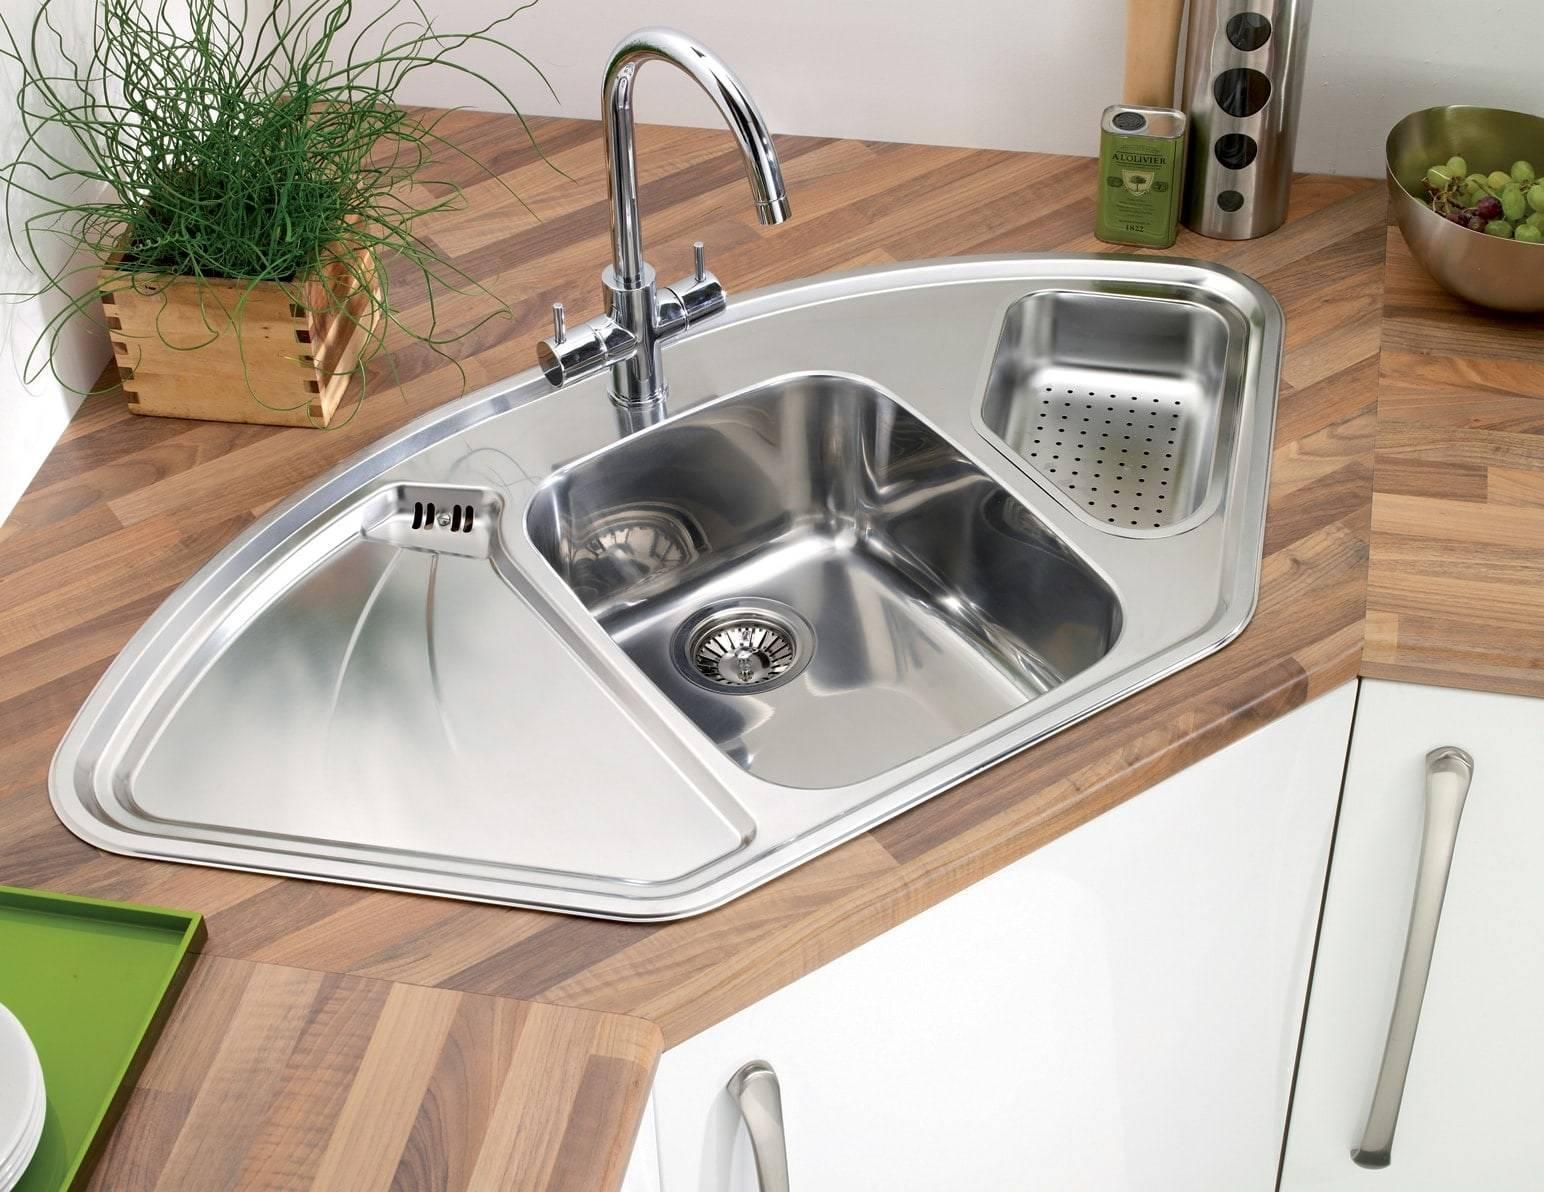 Угловая тумба под мойку для кухни (37 фото): размеры напольных угловых кухонных шкафов, выбор углового модуля под раковину